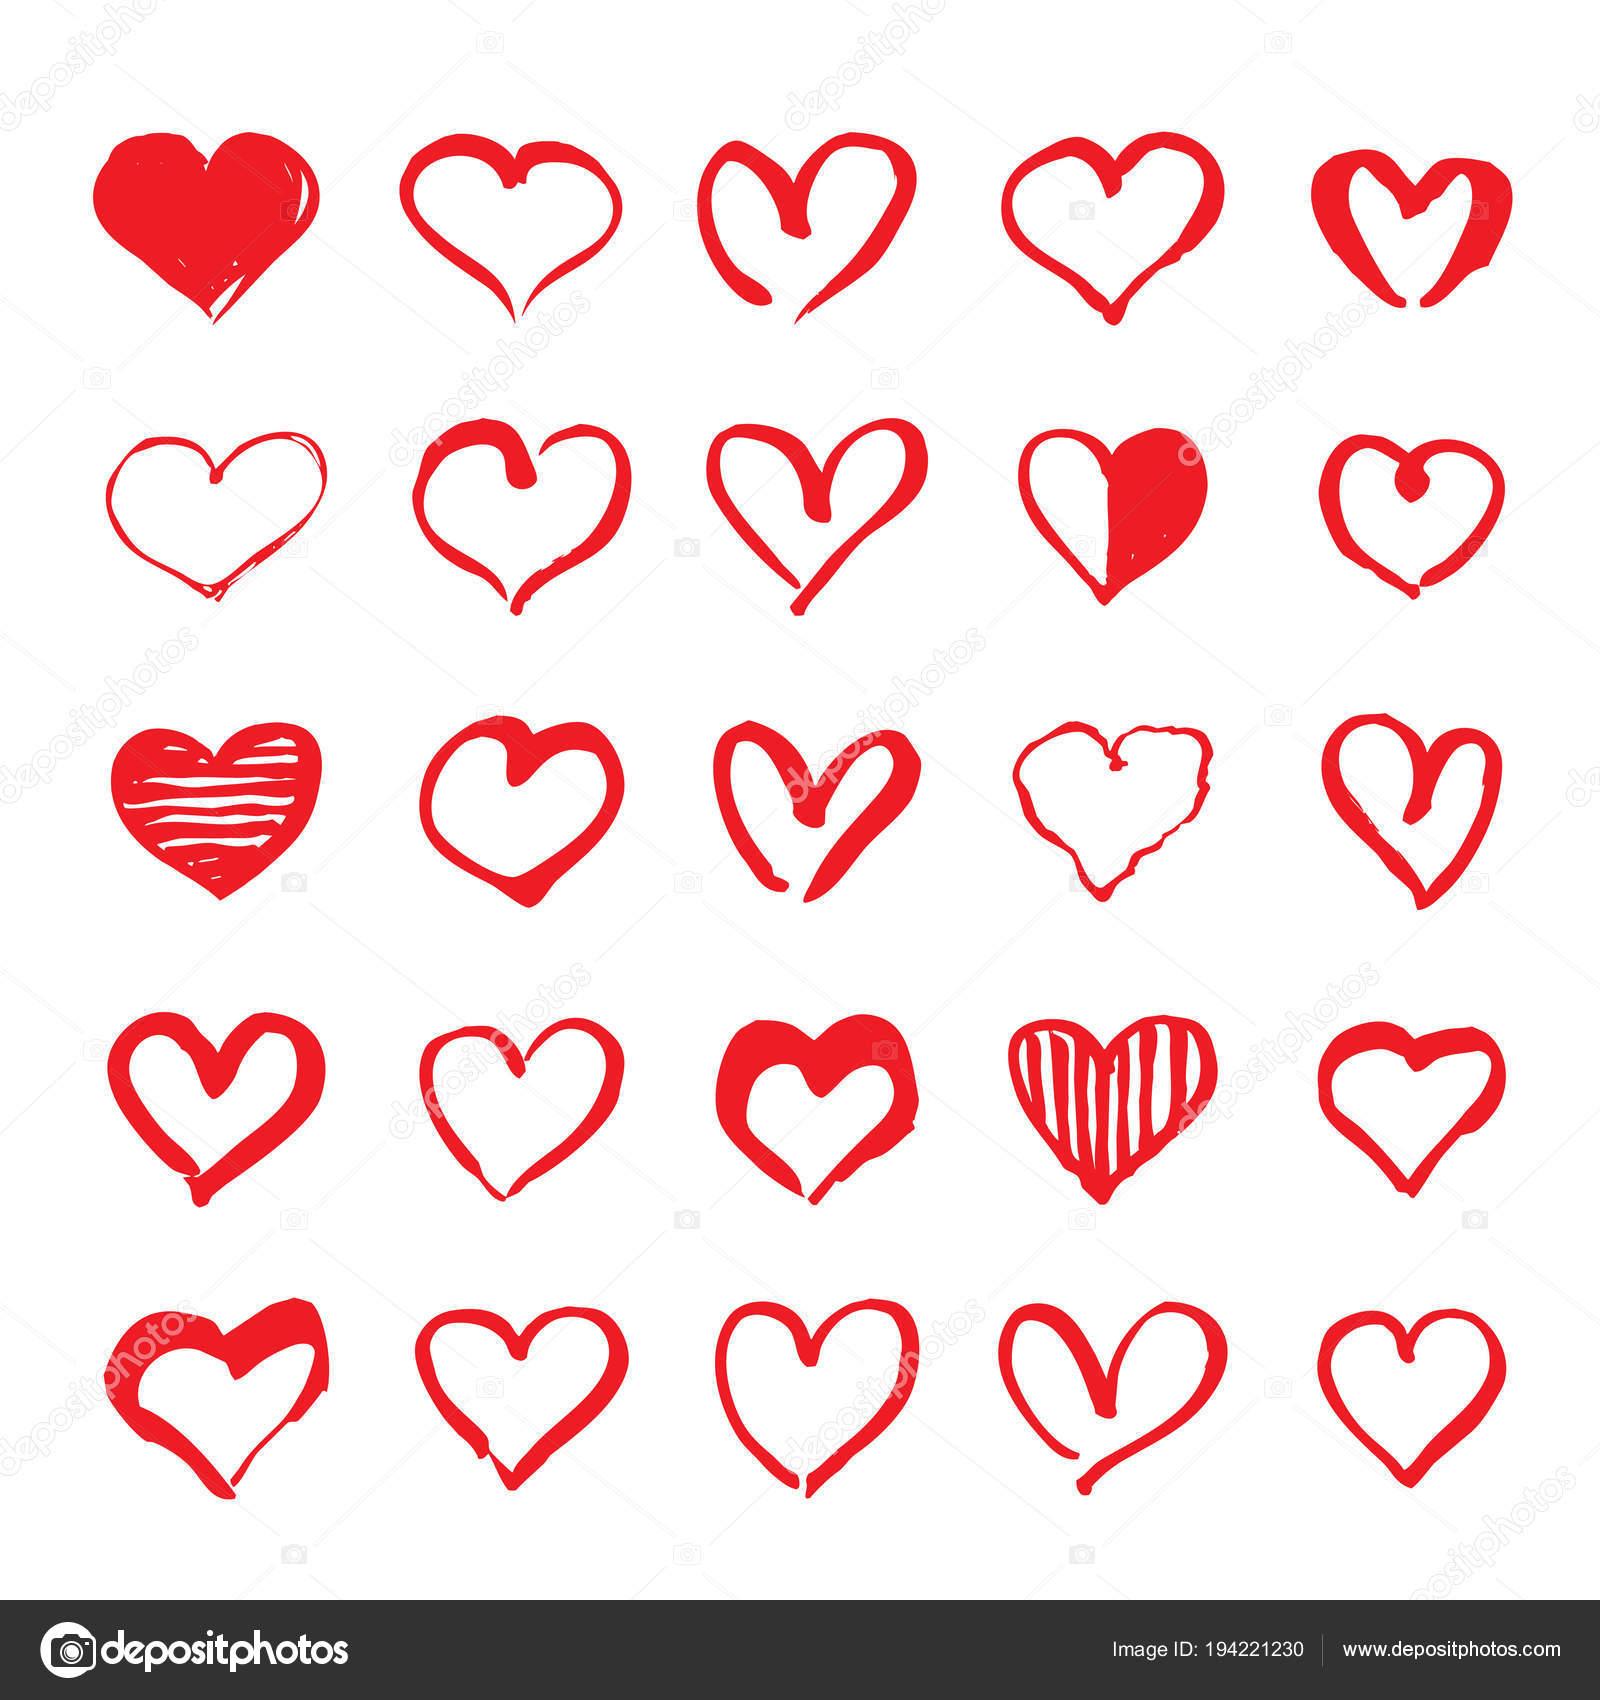 Srdce Cervene Rucne Kreslene Prvky Pro Den Svateho Valentyna